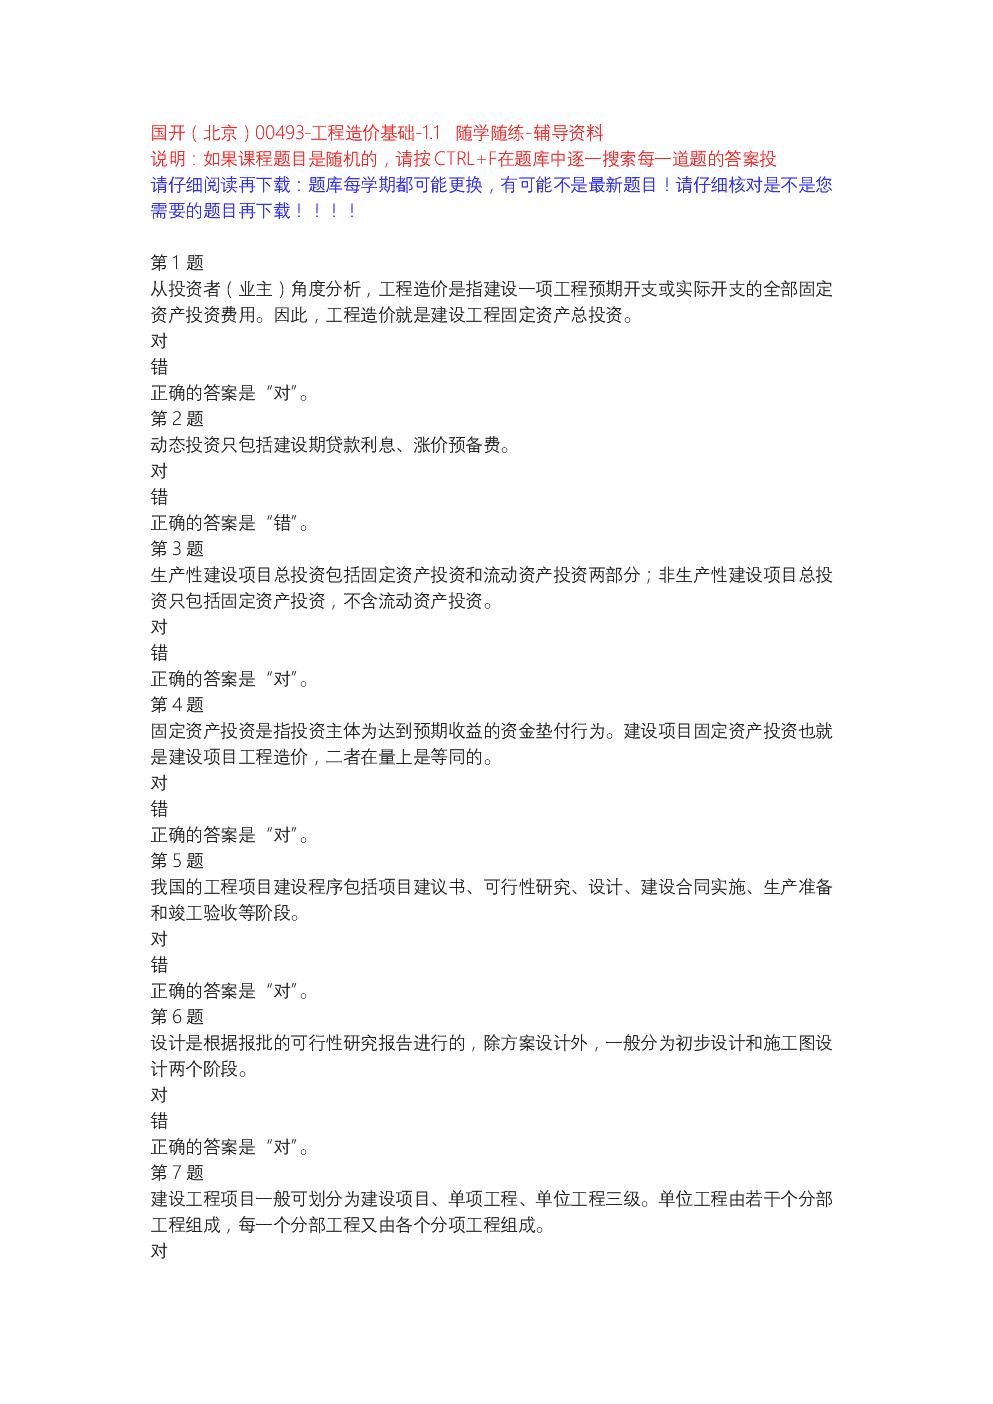 国开(北京)00493-工程造价基础-1.1 随学随练-辅导资料.docx